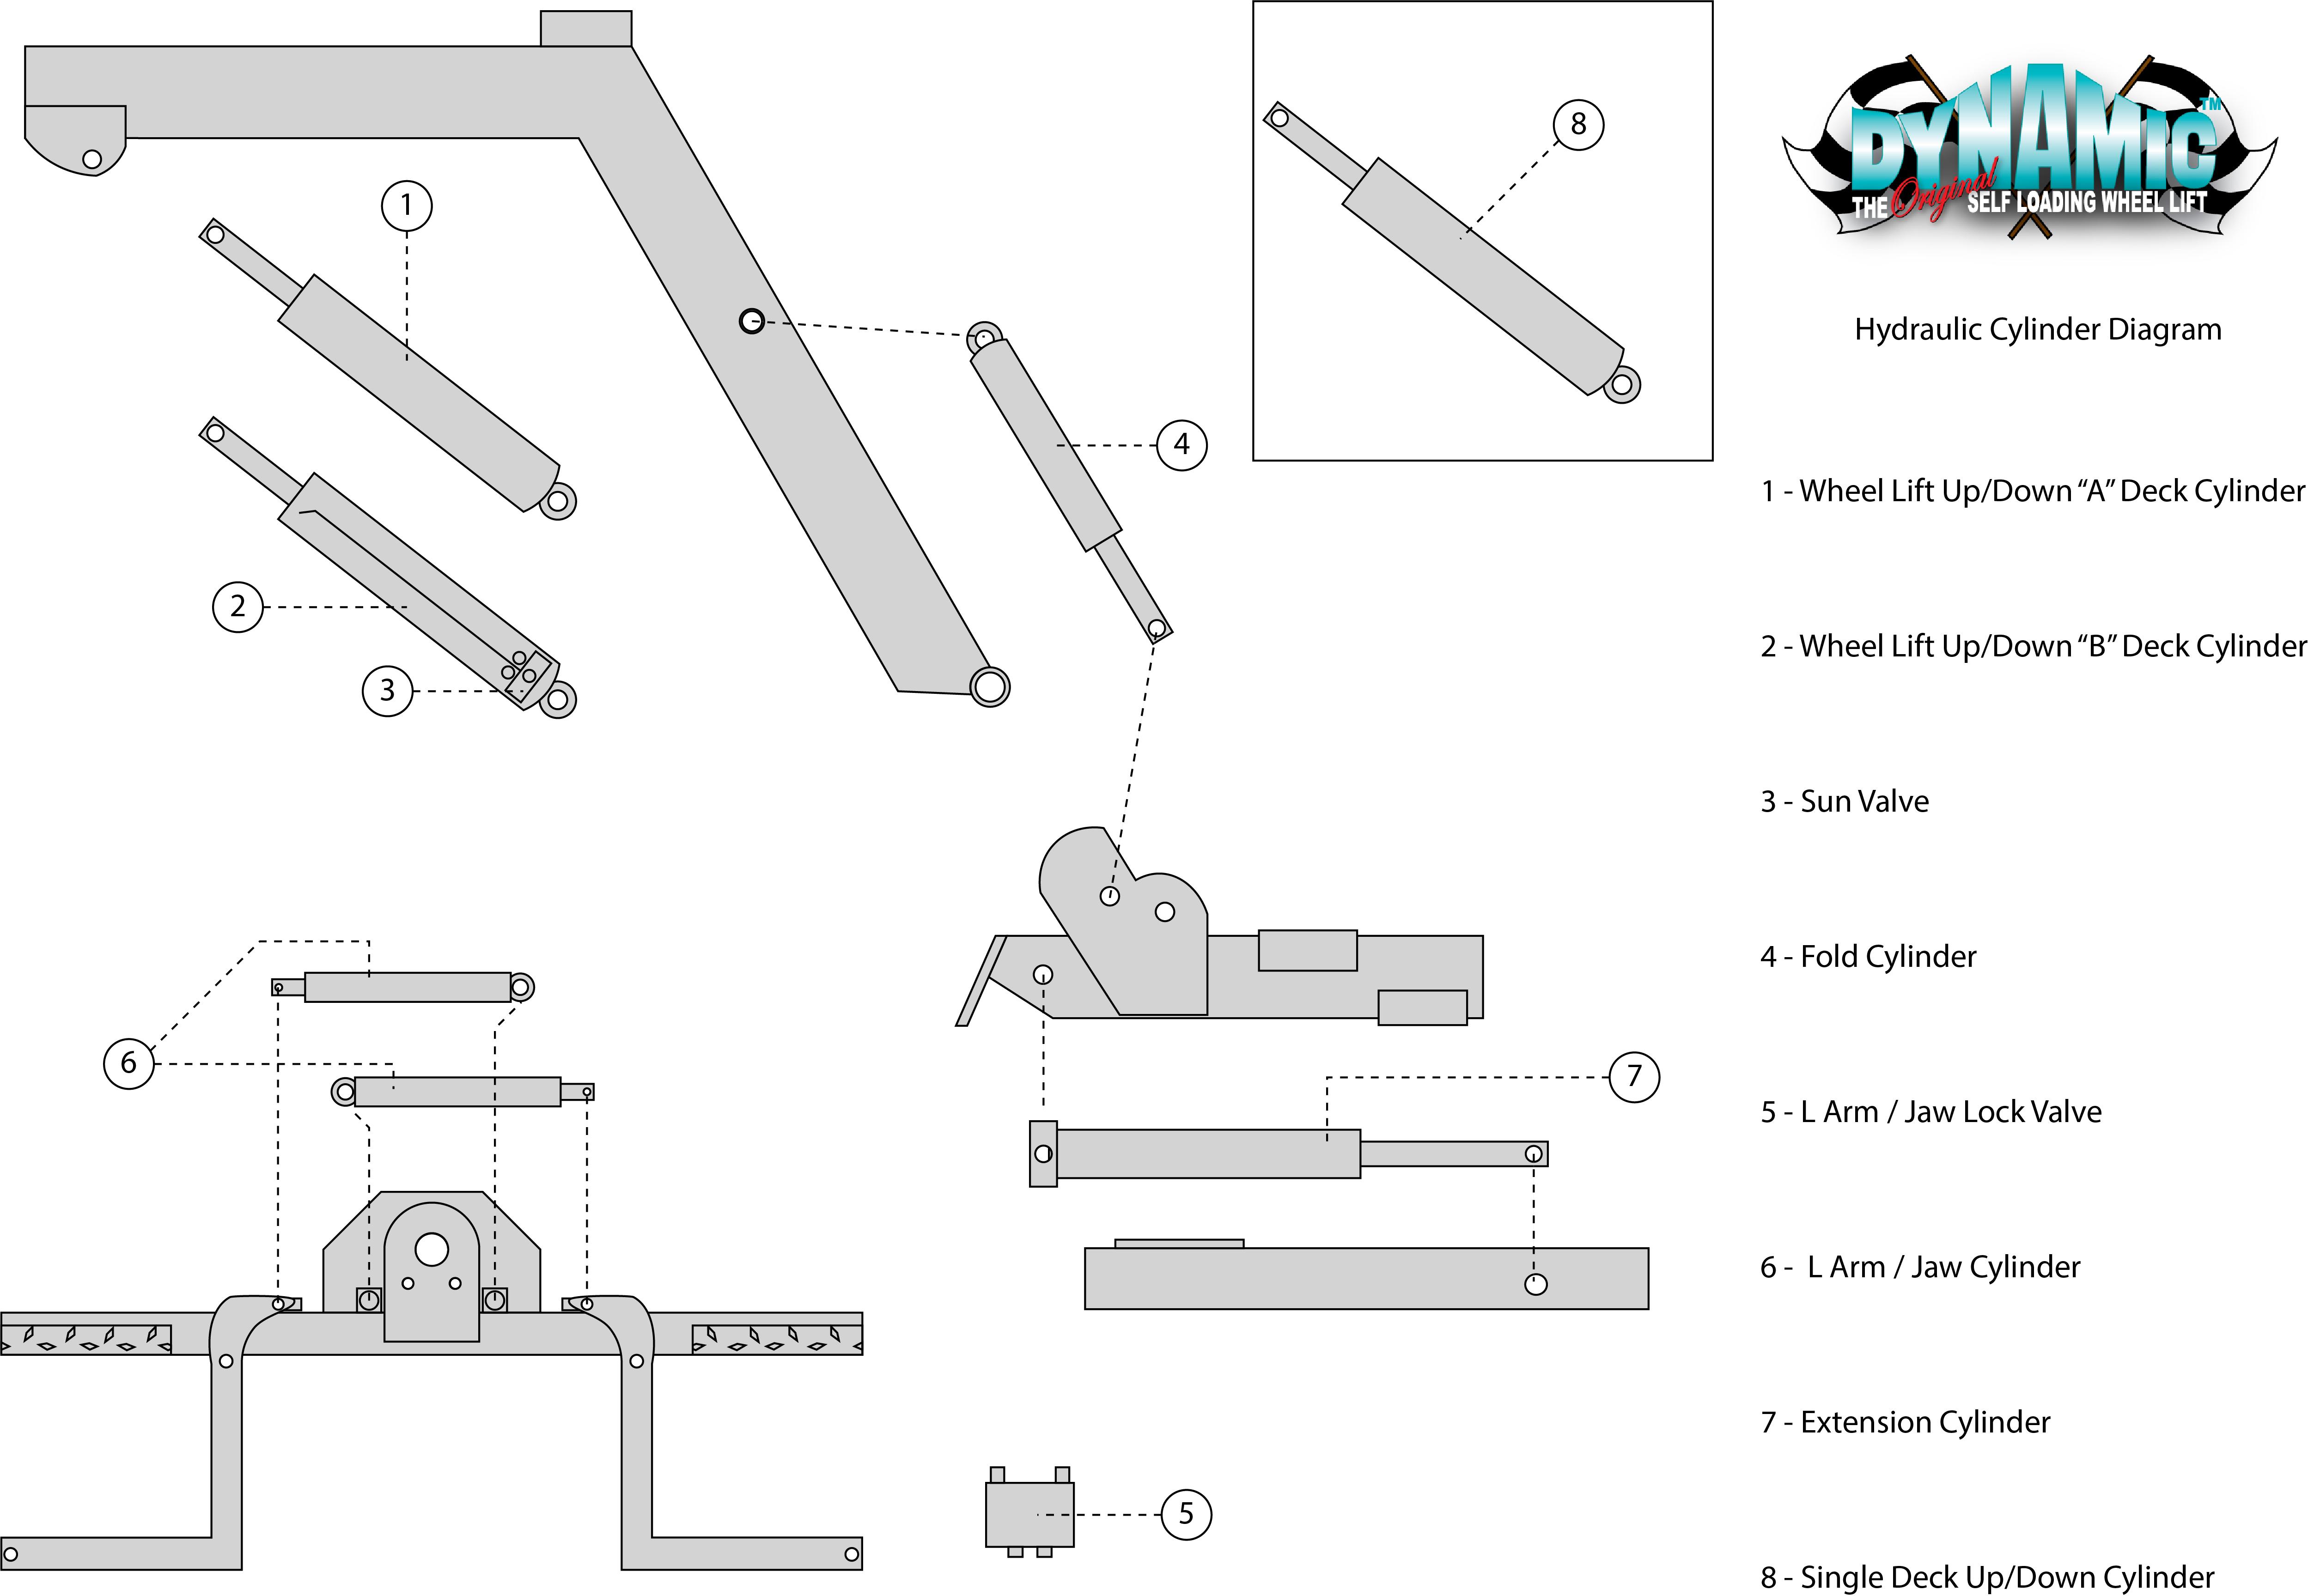 Dynamic Hydraulic Cylinders